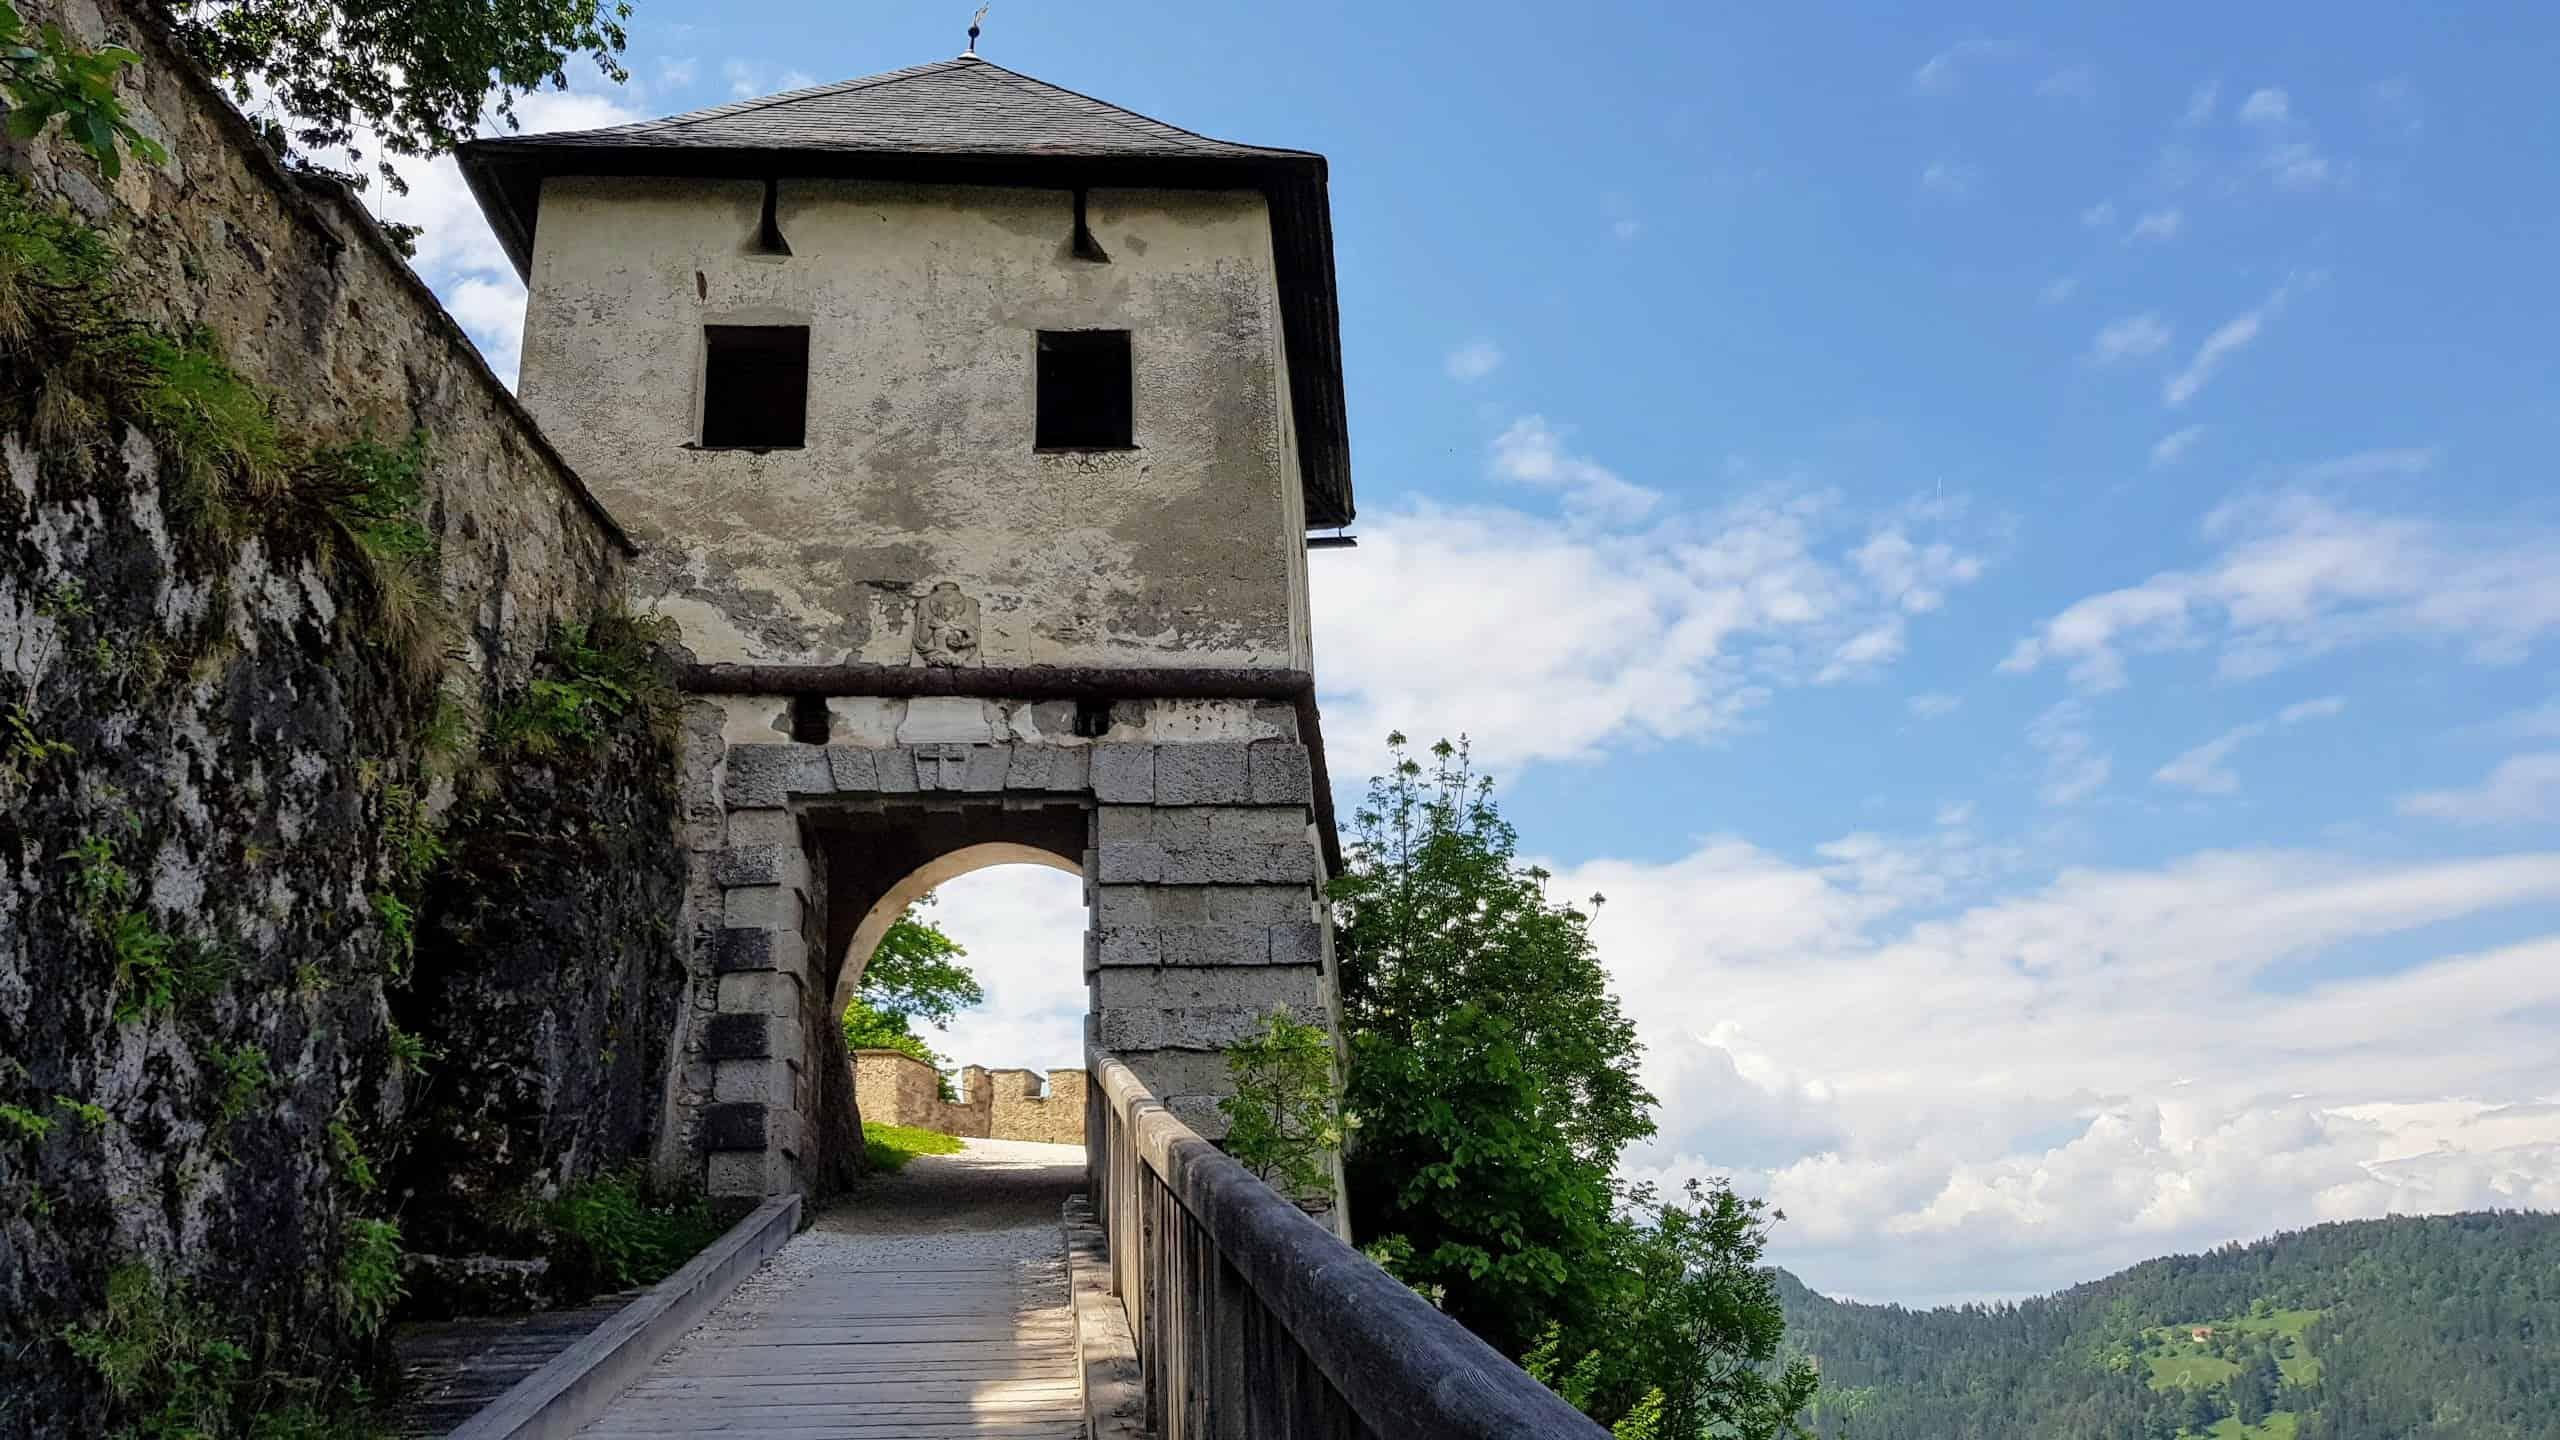 Burgtor Löwentor auf der Mittelalter-Burg Hochosterwitz in Kärnten - Sehenswürdigkeit in Österreich